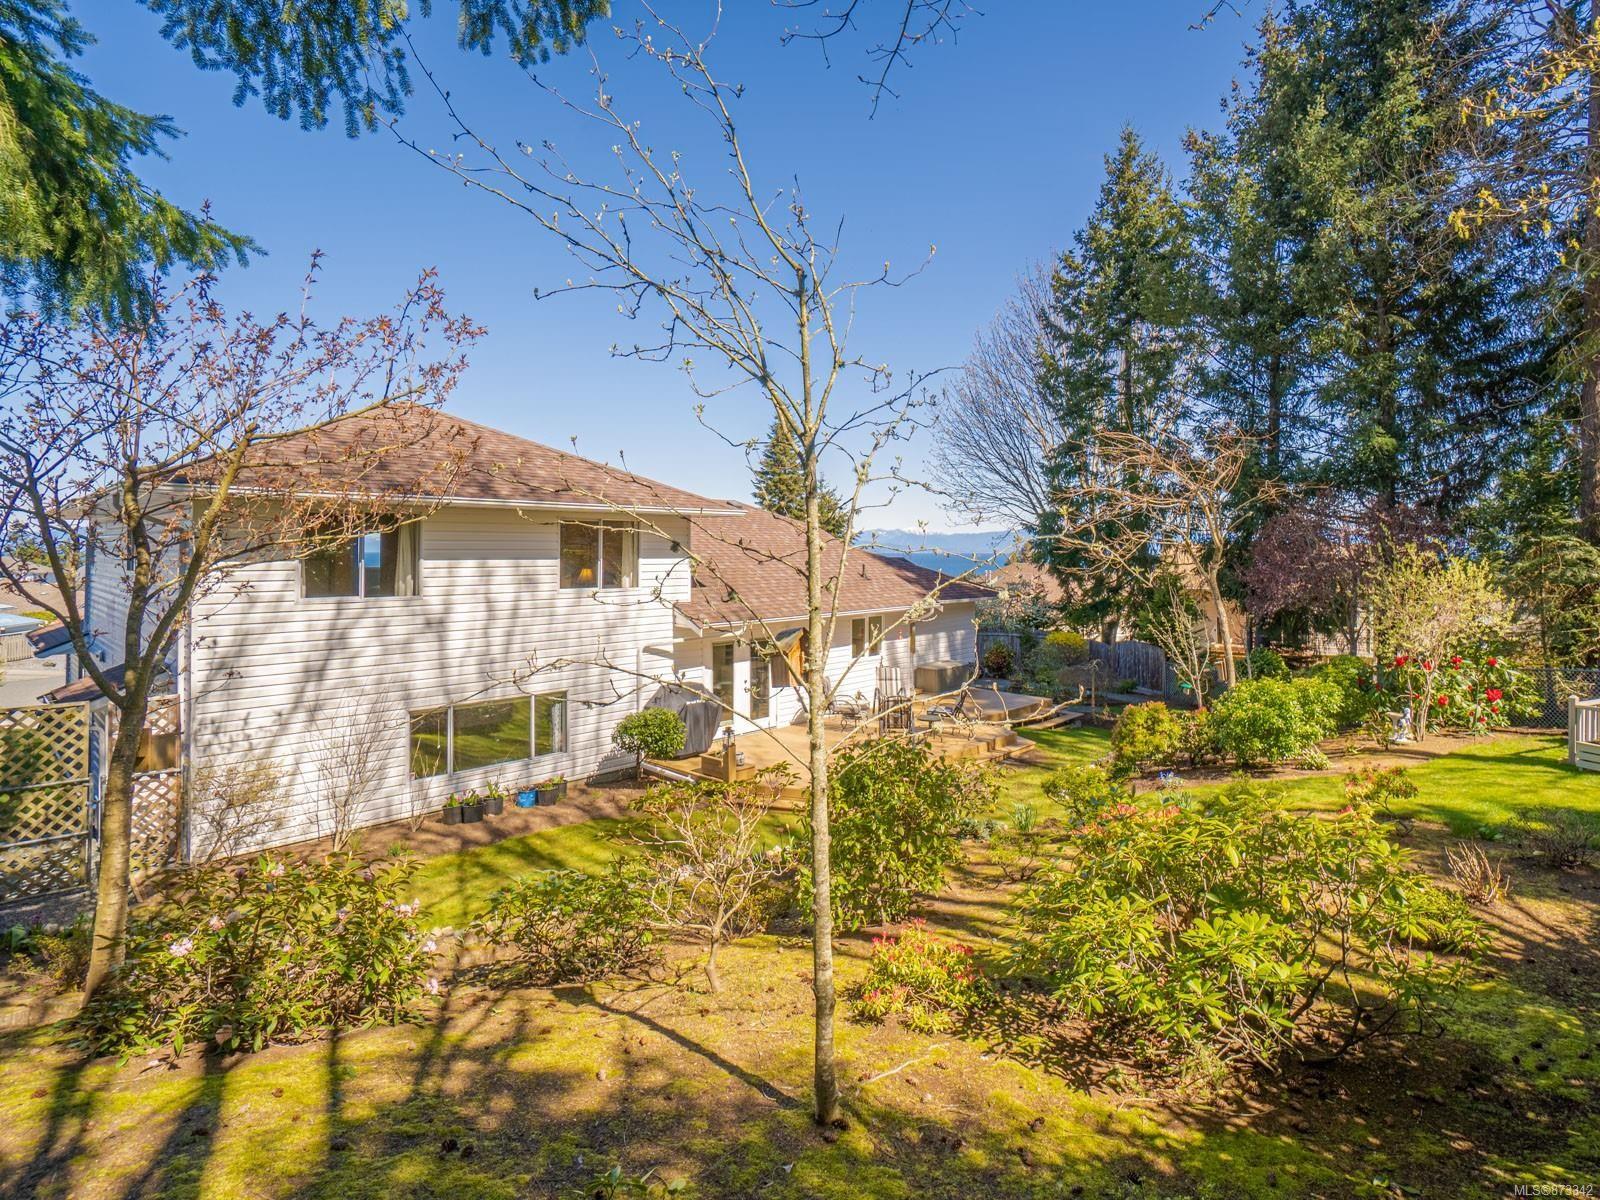 Photo 62: Photos: 5294 Catalina Dr in : Na North Nanaimo House for sale (Nanaimo)  : MLS®# 873342